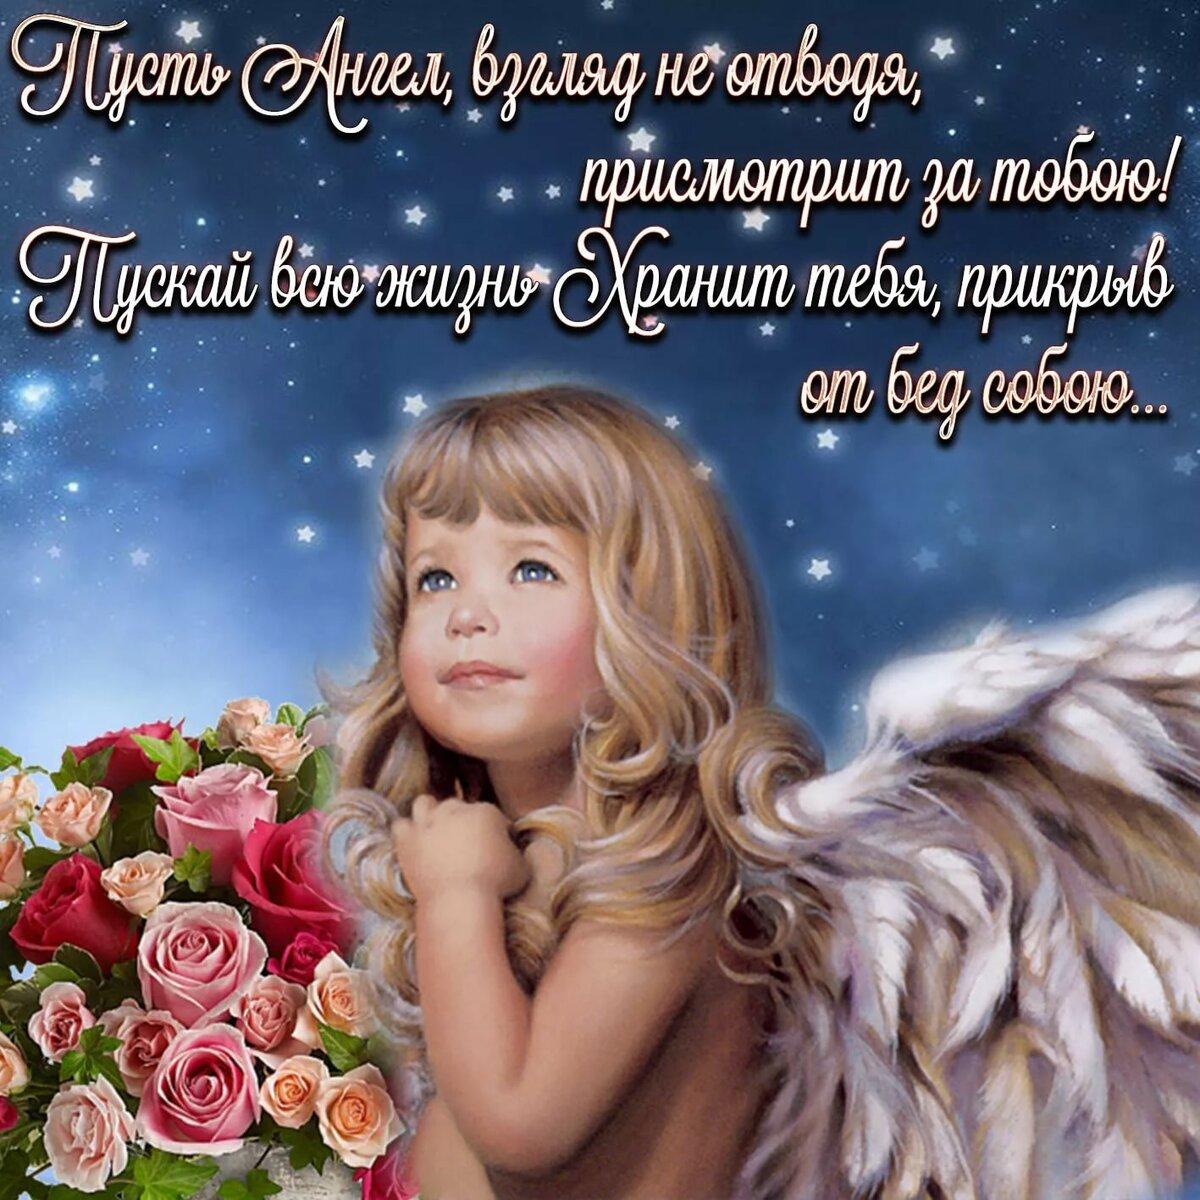 пусть ангел хранитель оберегает тебя поздравление вид пристанища